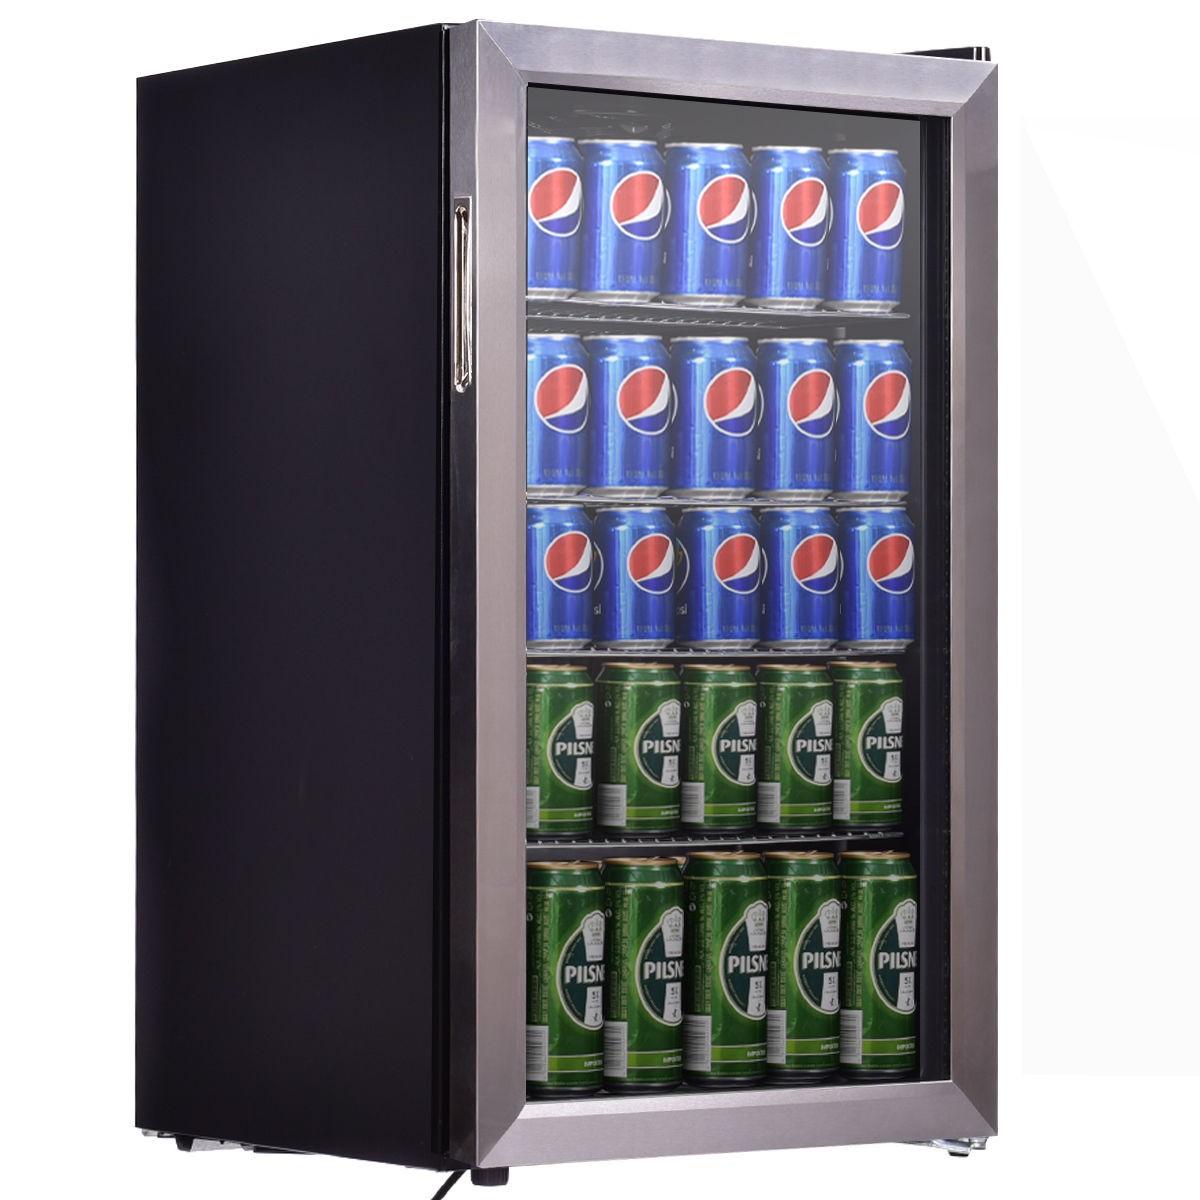 mini fridge 120 can beverage refrigerator beer wine soda. Black Bedroom Furniture Sets. Home Design Ideas